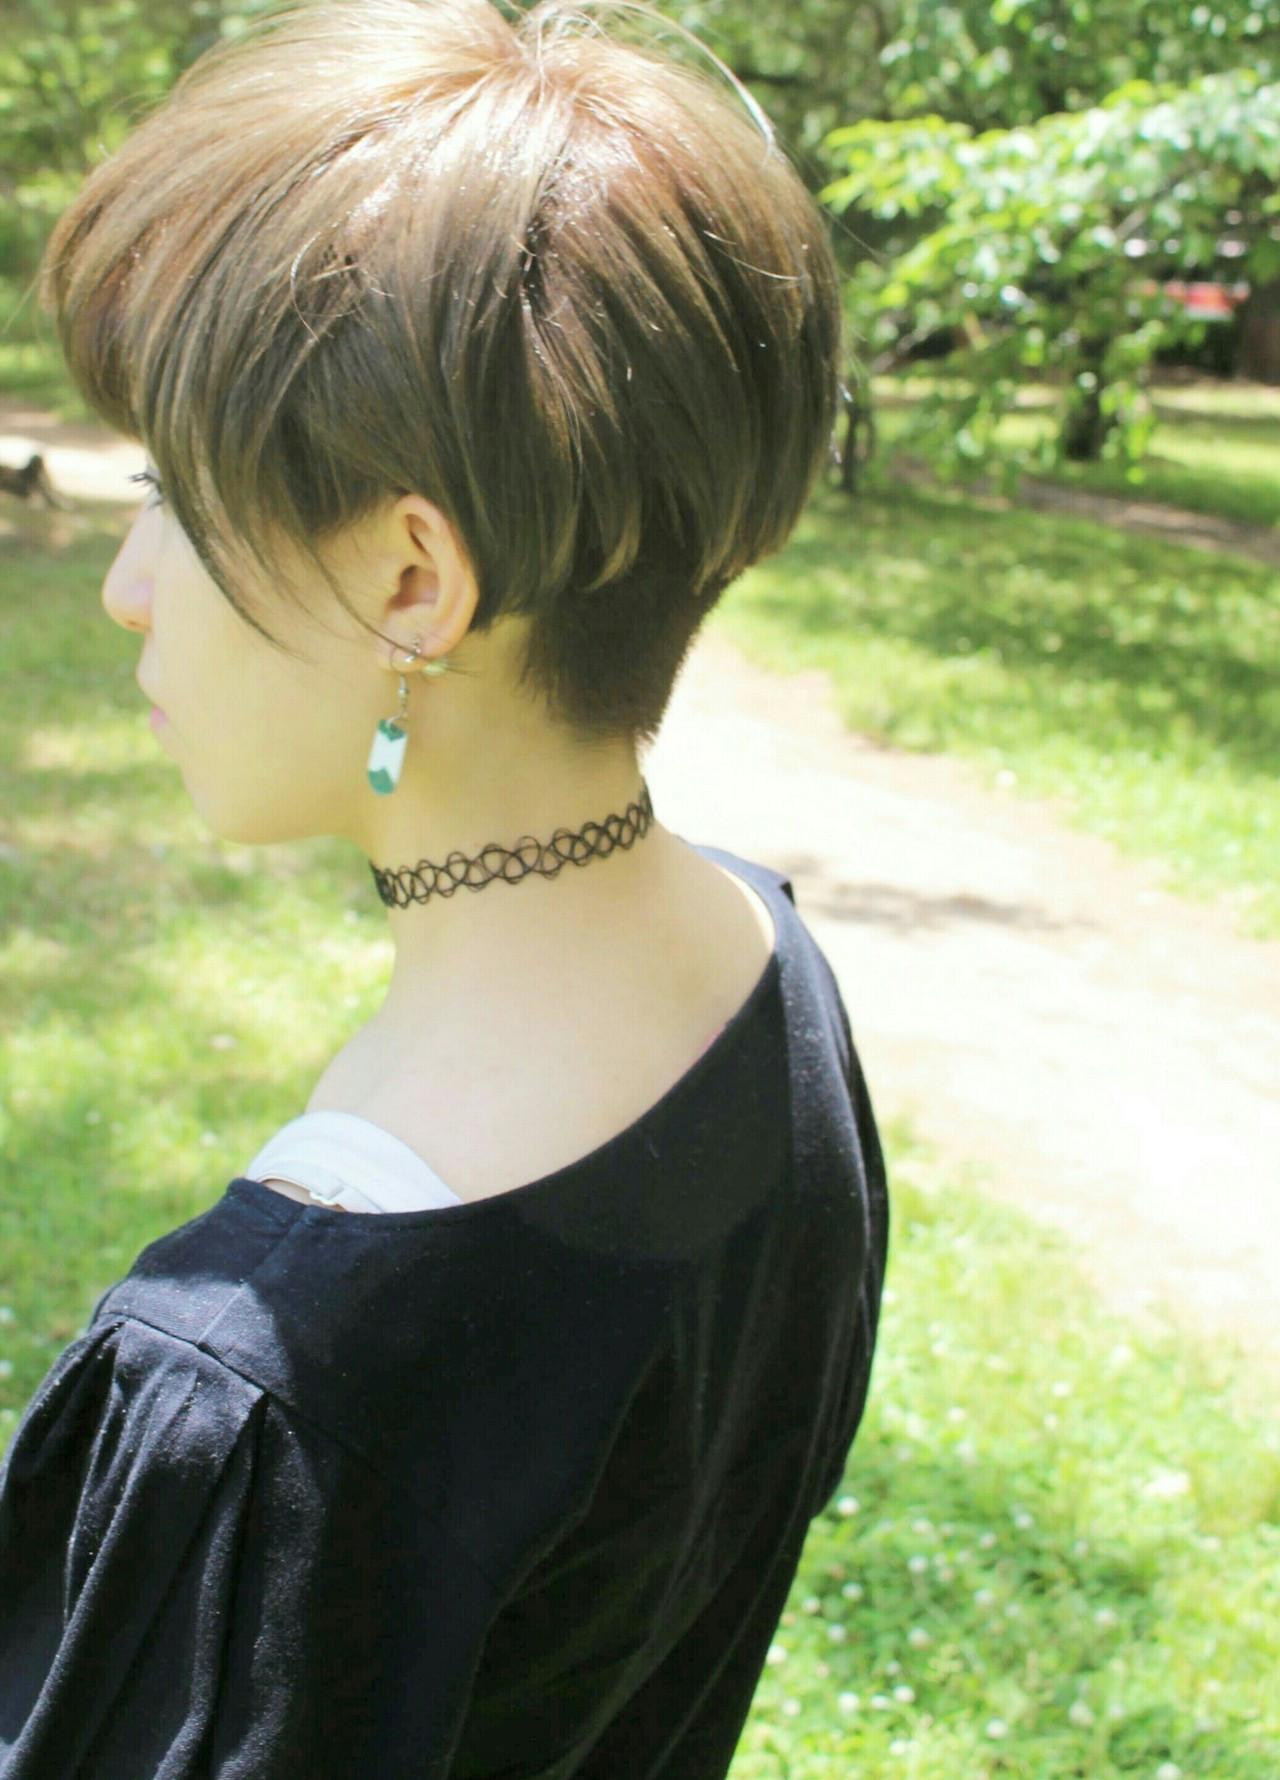 ハイトーンカラー ショート ベリーショート ツーブロック ヘアスタイルや髪型の写真・画像